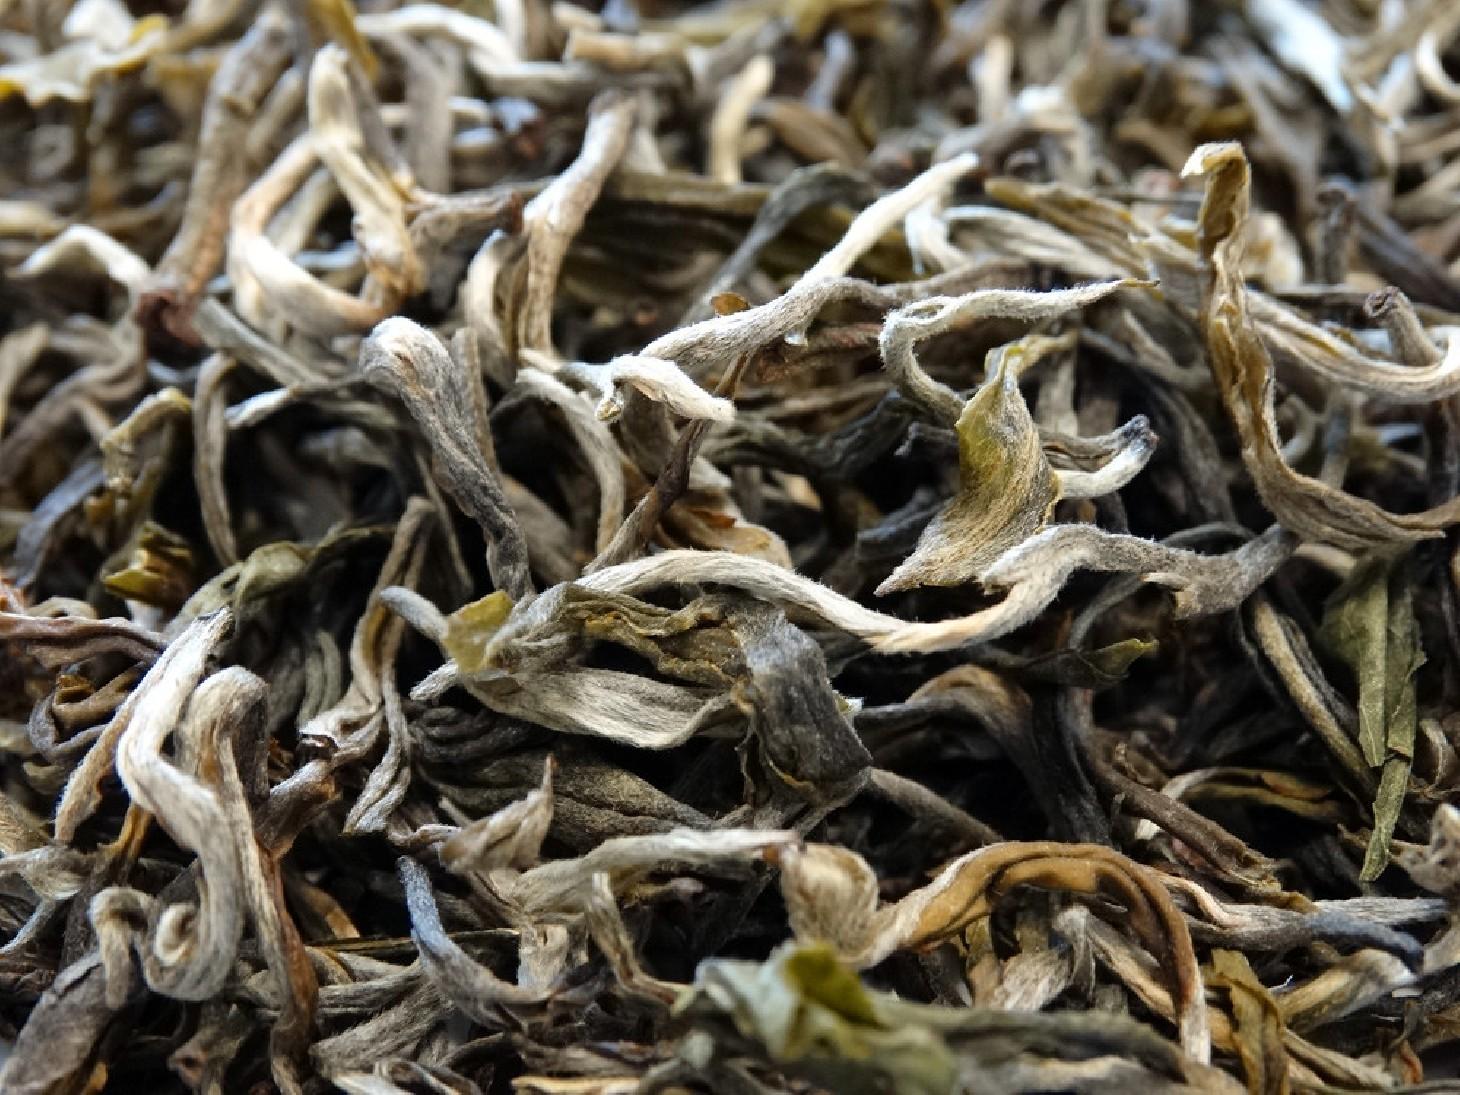 Thé blanc white cui min sélectionné par Tea & cie maison de thé à Vannes golfe du morbihan